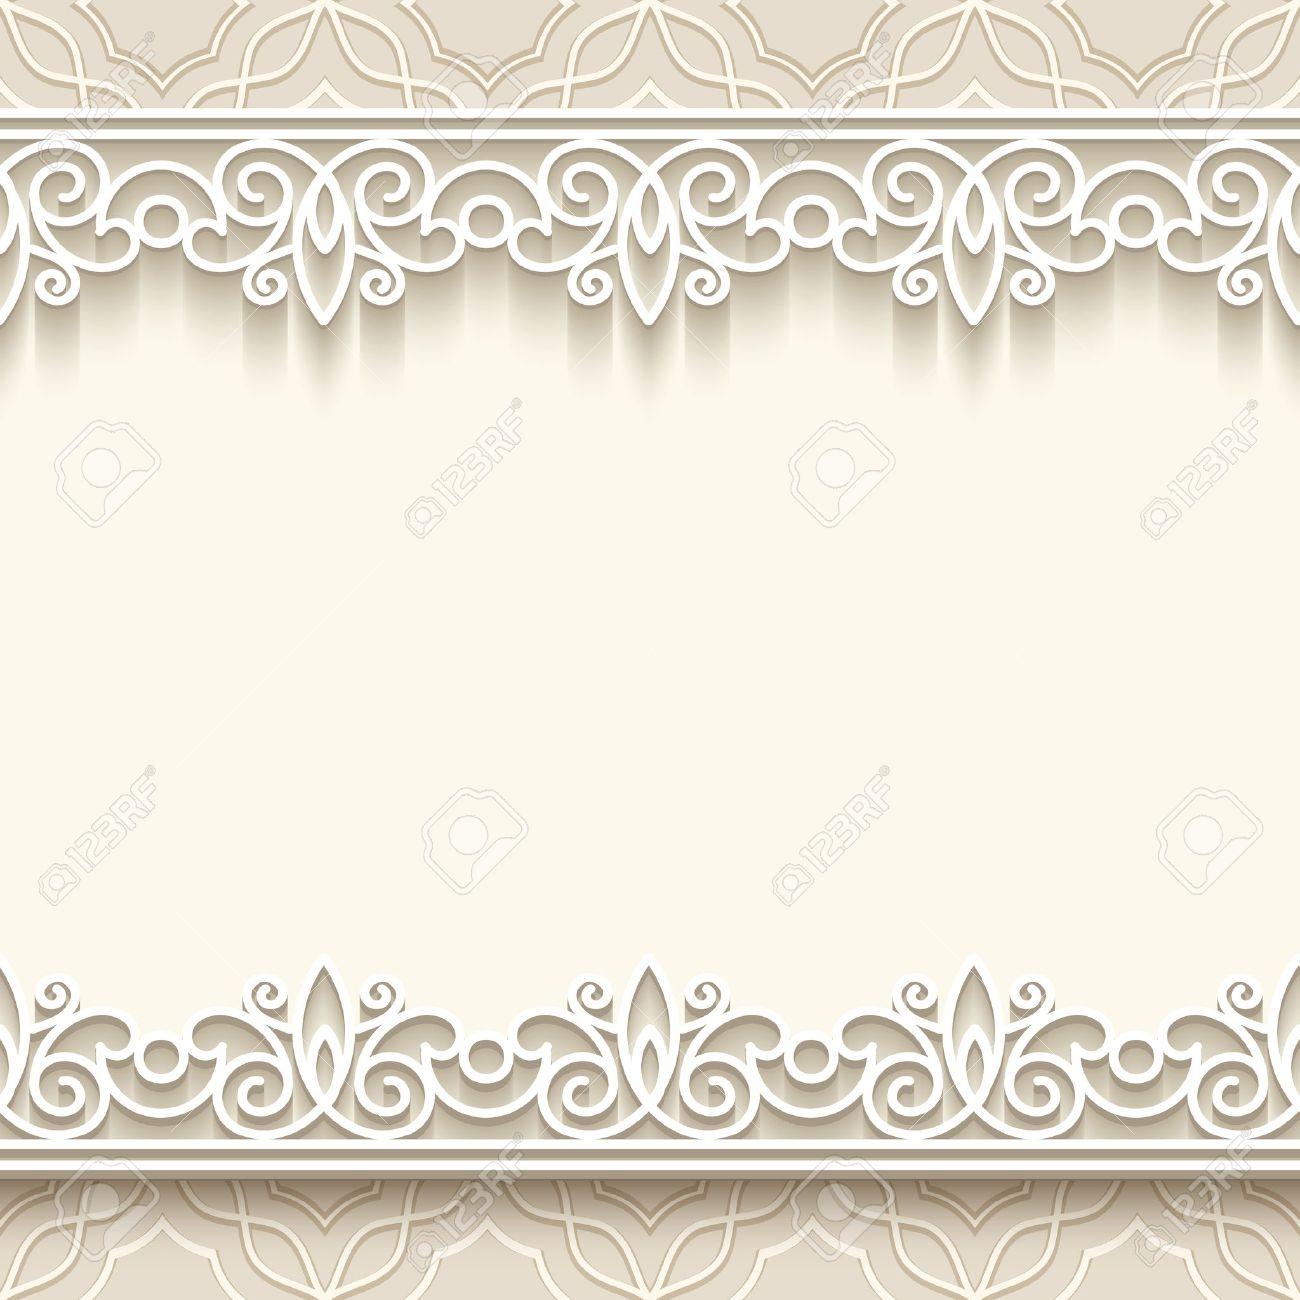 Pizzo Cornice Di Carta Con I Bordi Senza Soluzione Di Continuità Su